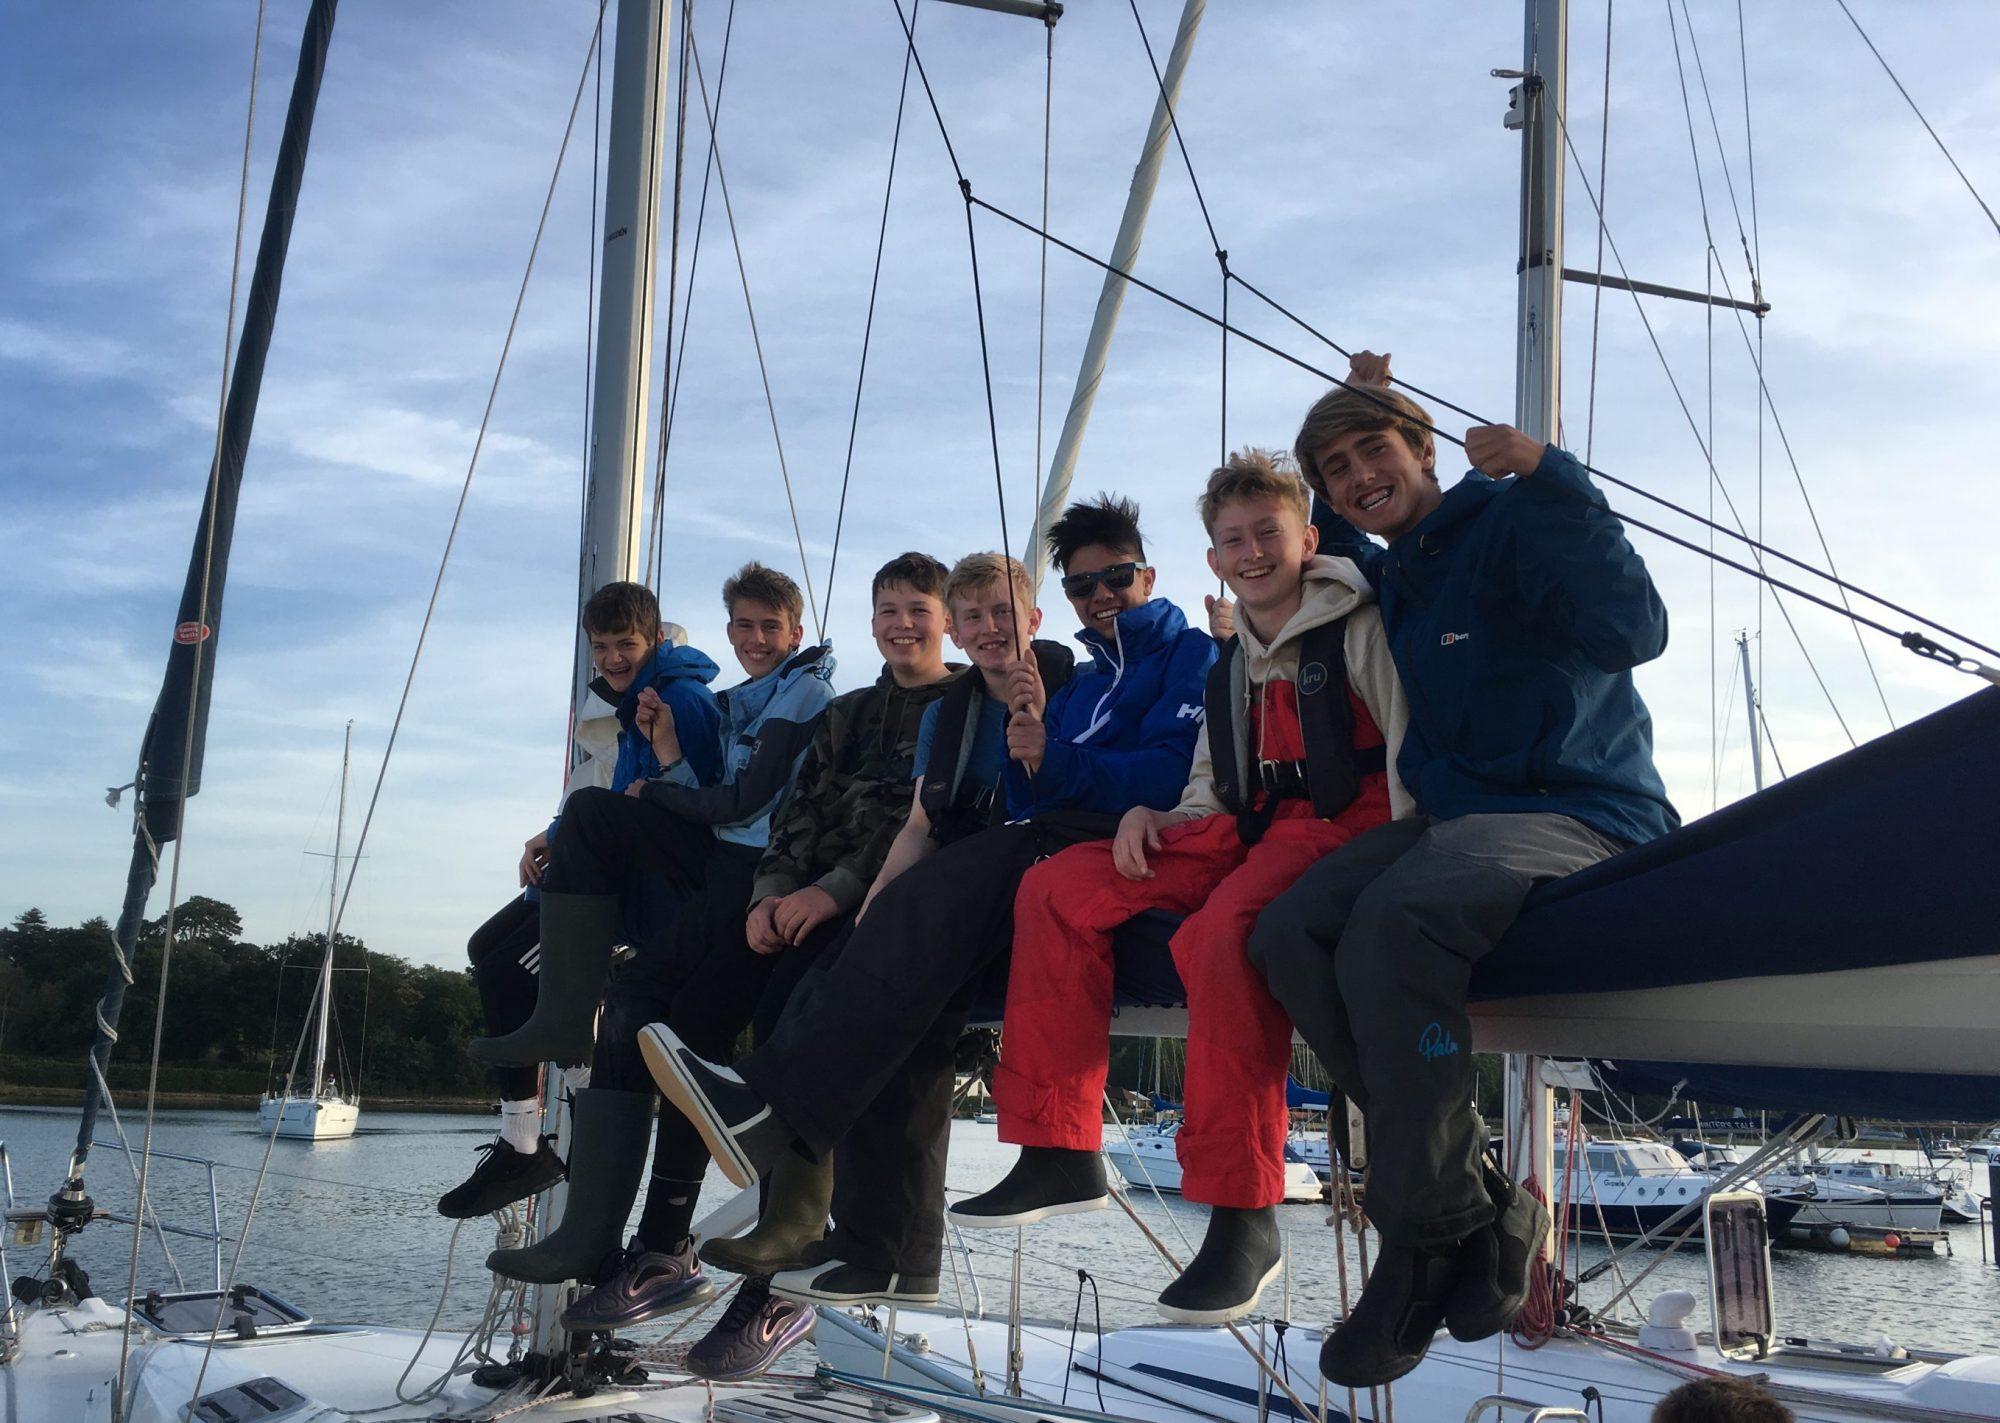 Abingdon School DofE expedition